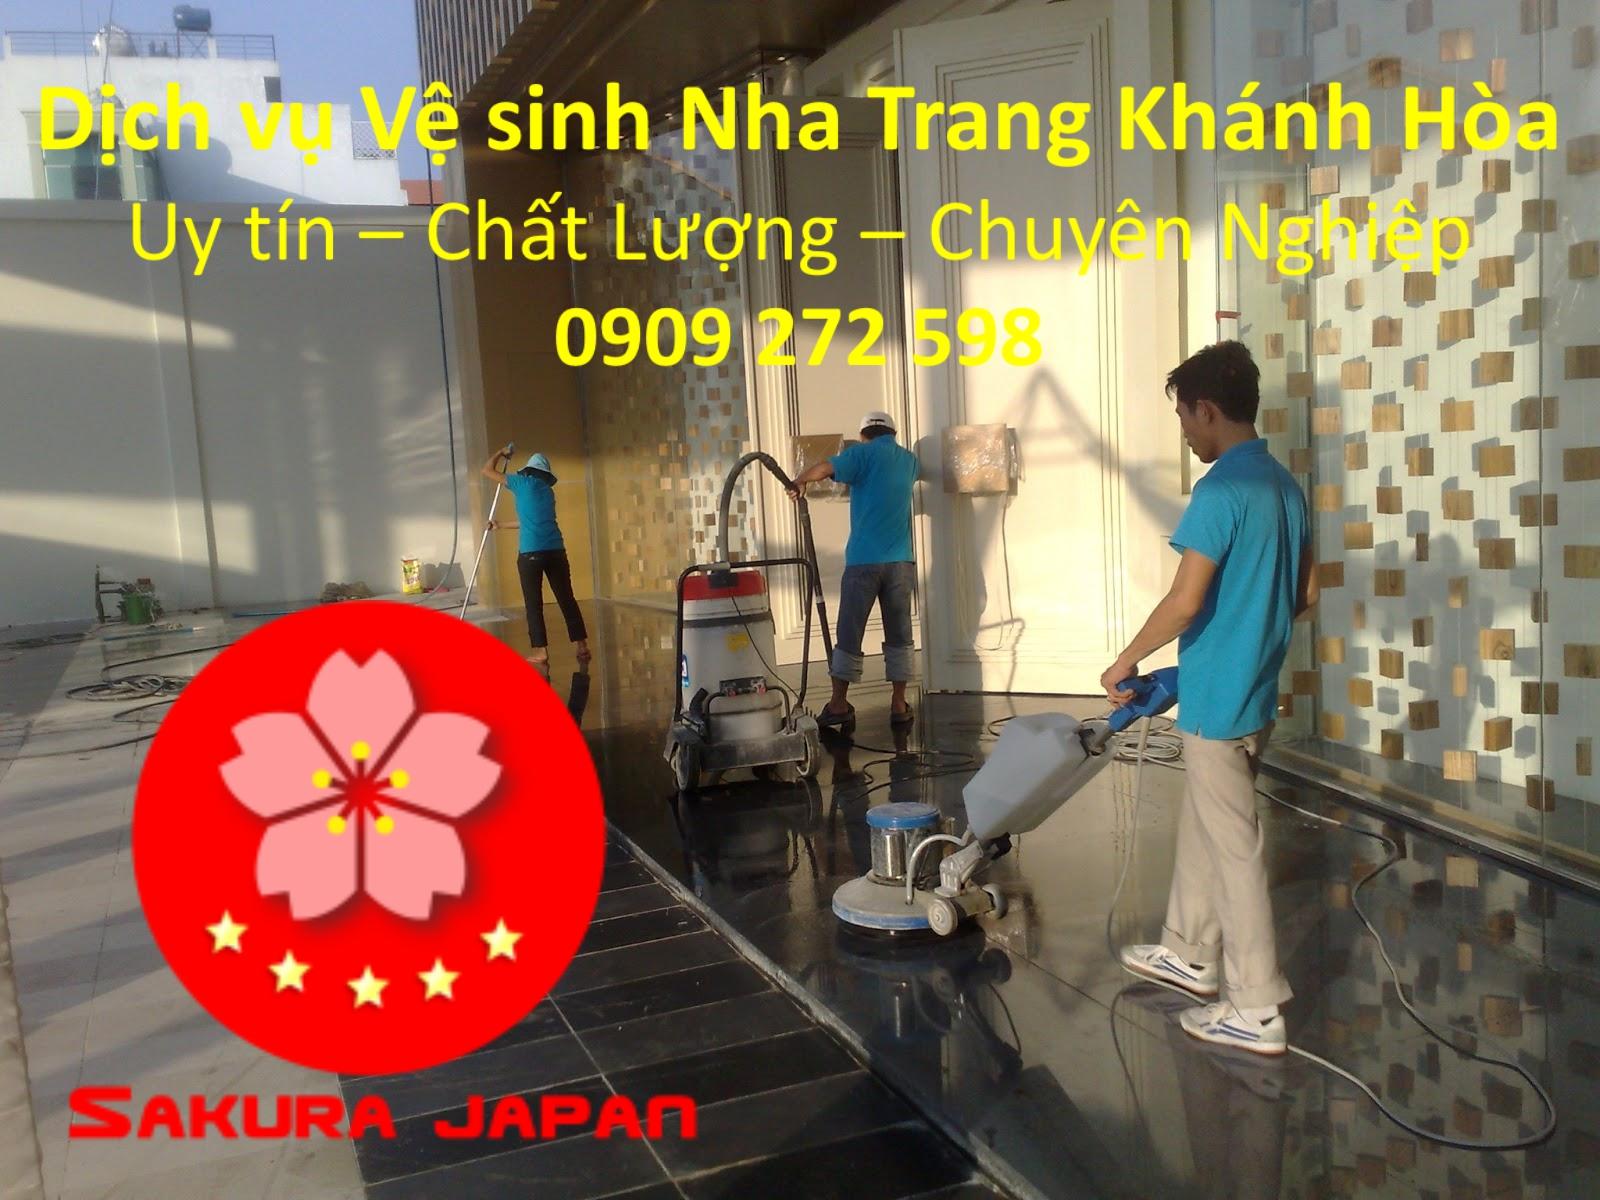 Vệ sinh Nhà Nha Trang Khánh Hòa 4